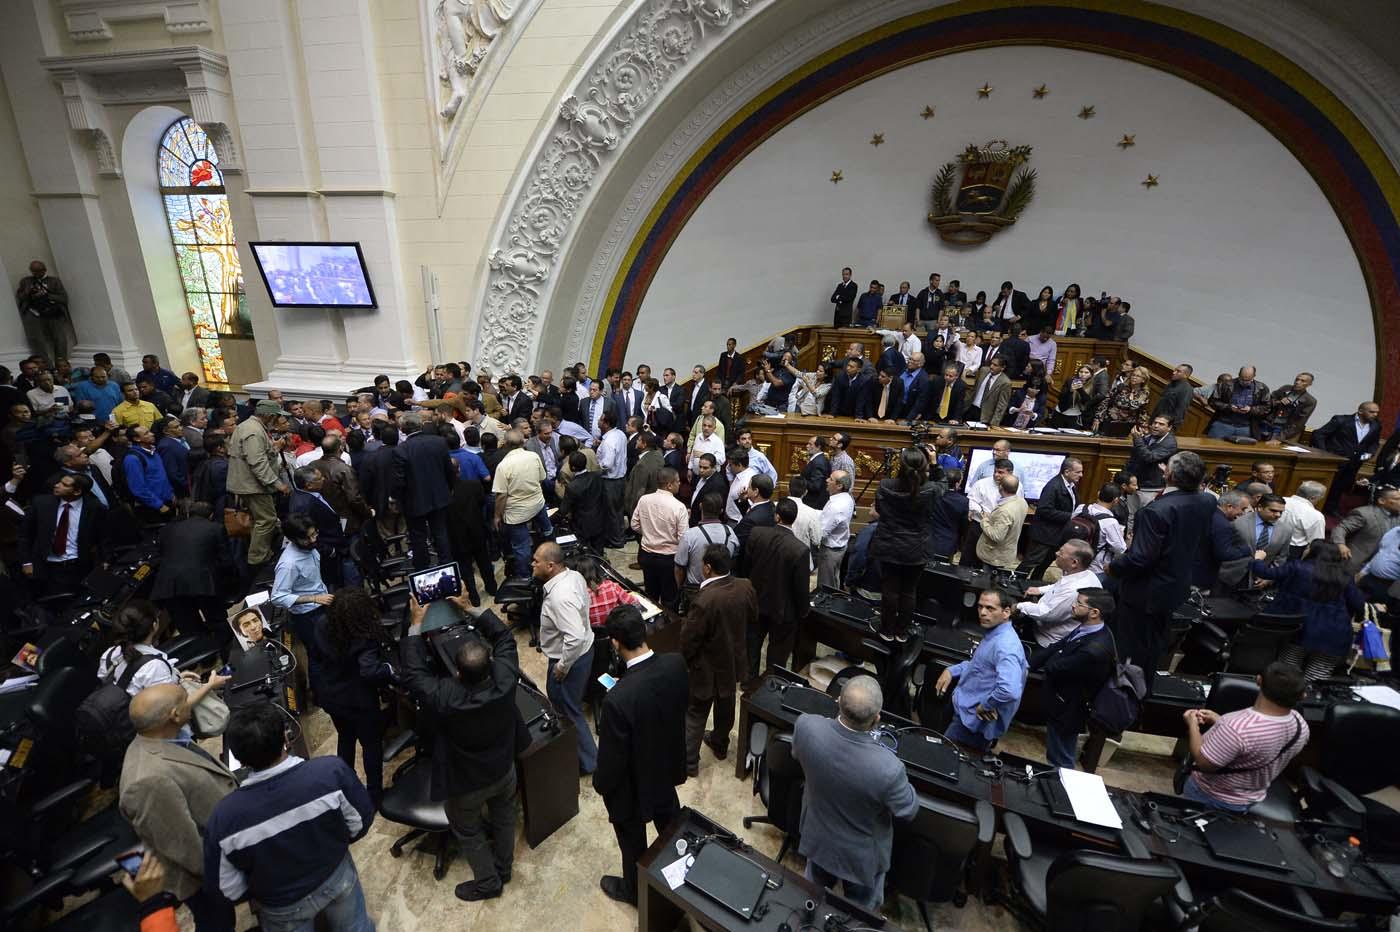 Gobierno de Nicolas Maduro. - Página 18 000_HF3C6